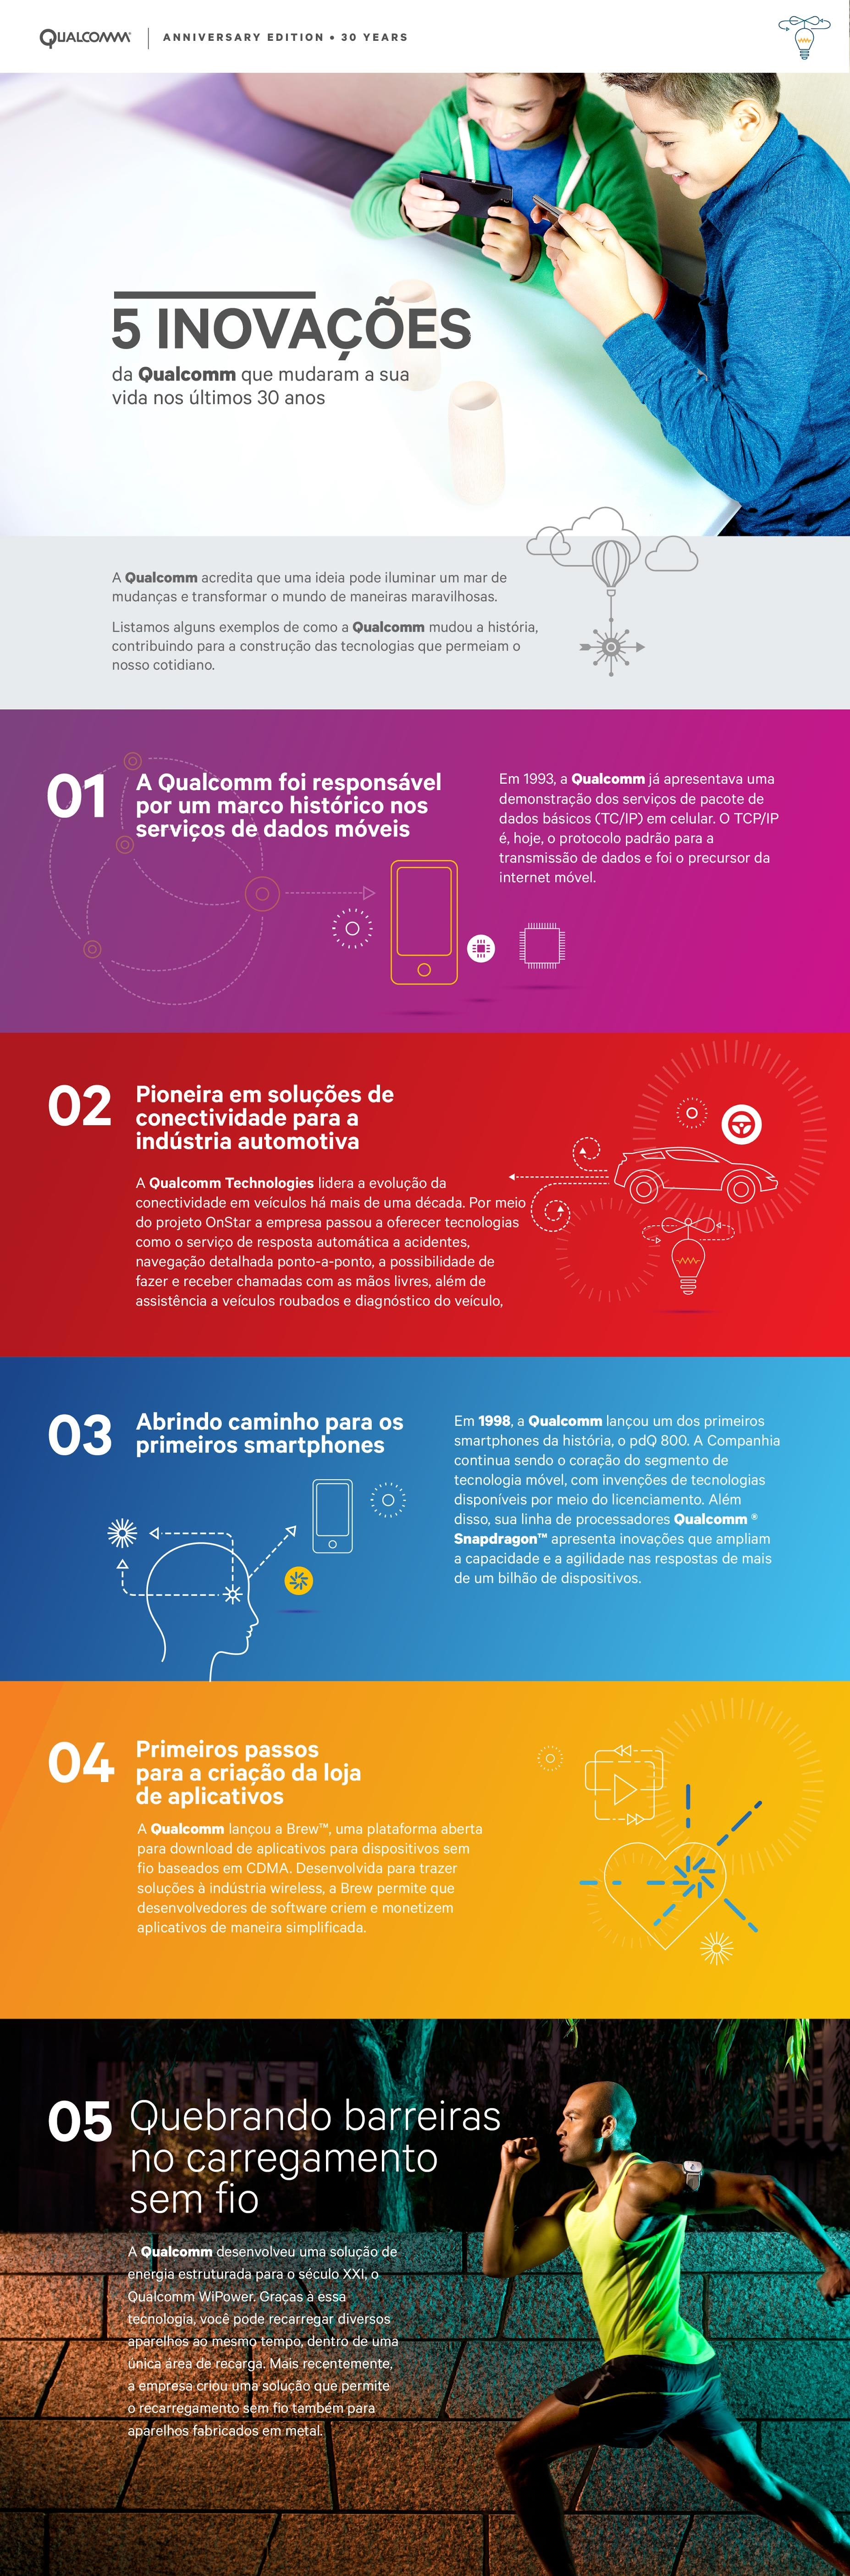 5 inovações da Qualcomm que mudaram a vida das pessoas [infográfico]